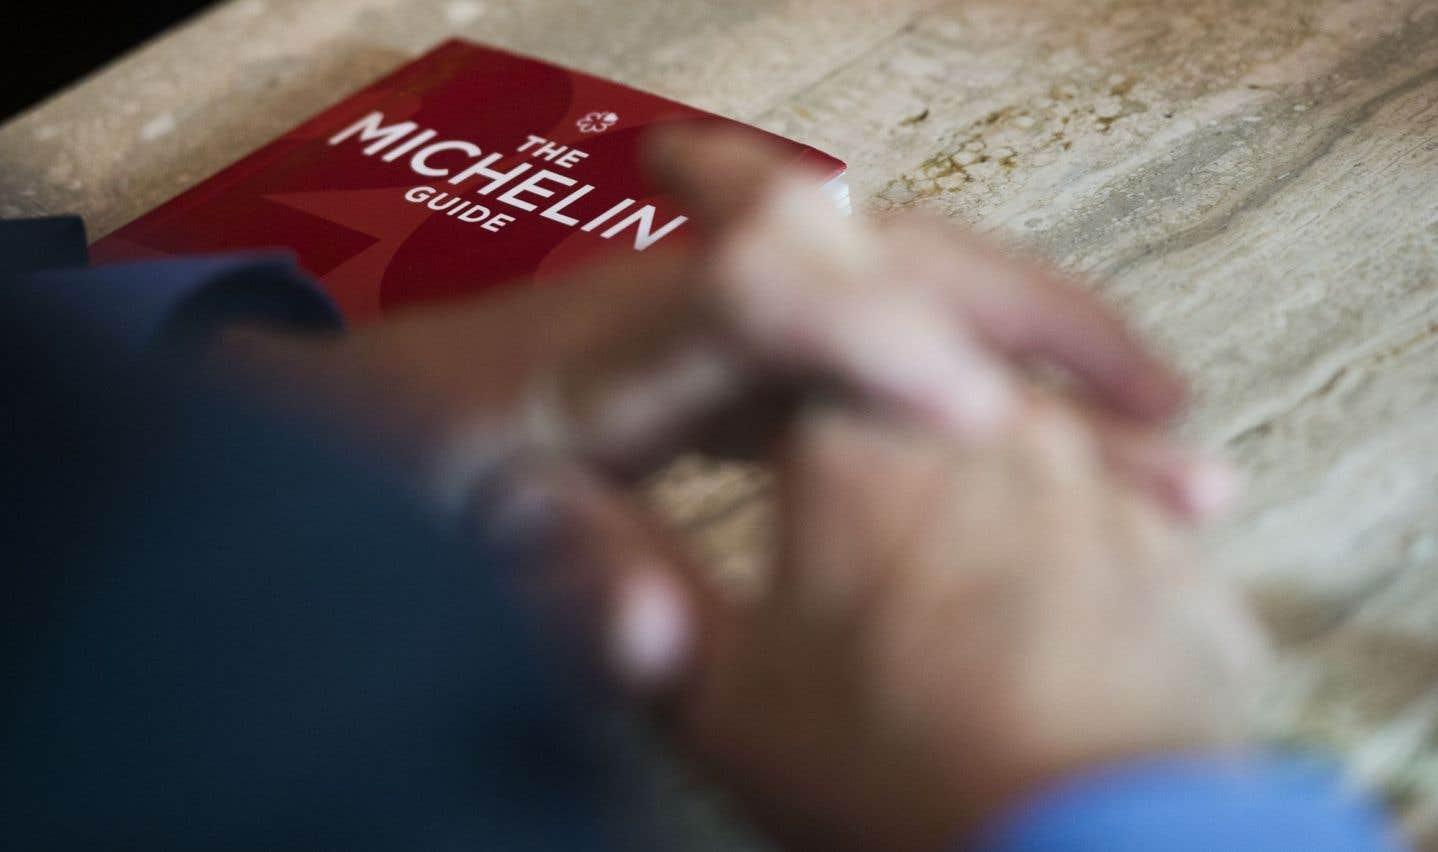 Le Guide Michelin récompense chaque année les meilleures tables du monde.